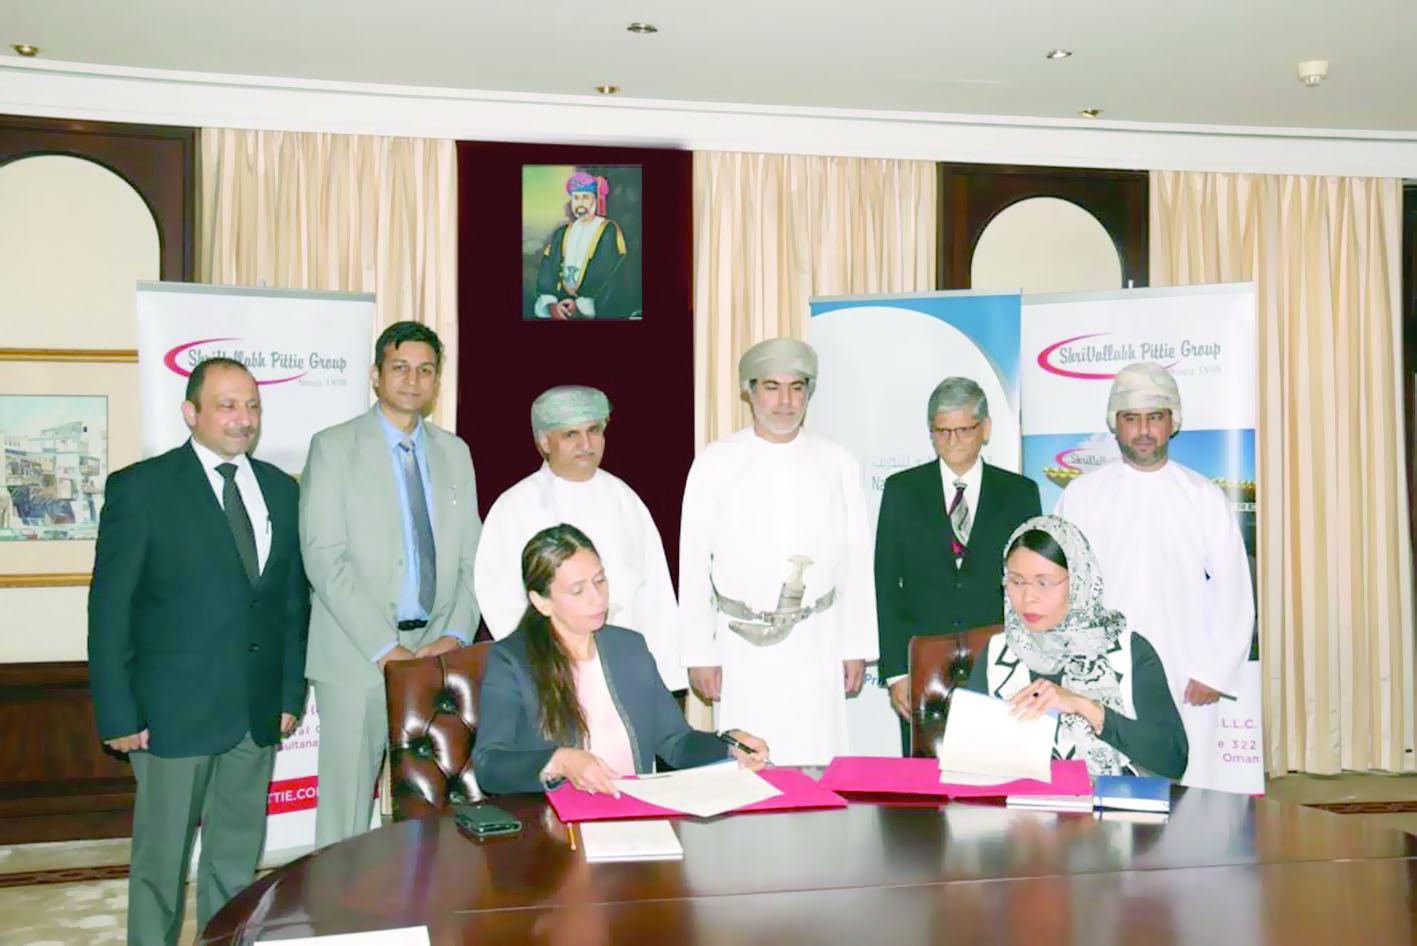 الصندوق الوطني يوقع اتفاقية لتدريب 1000 عماني